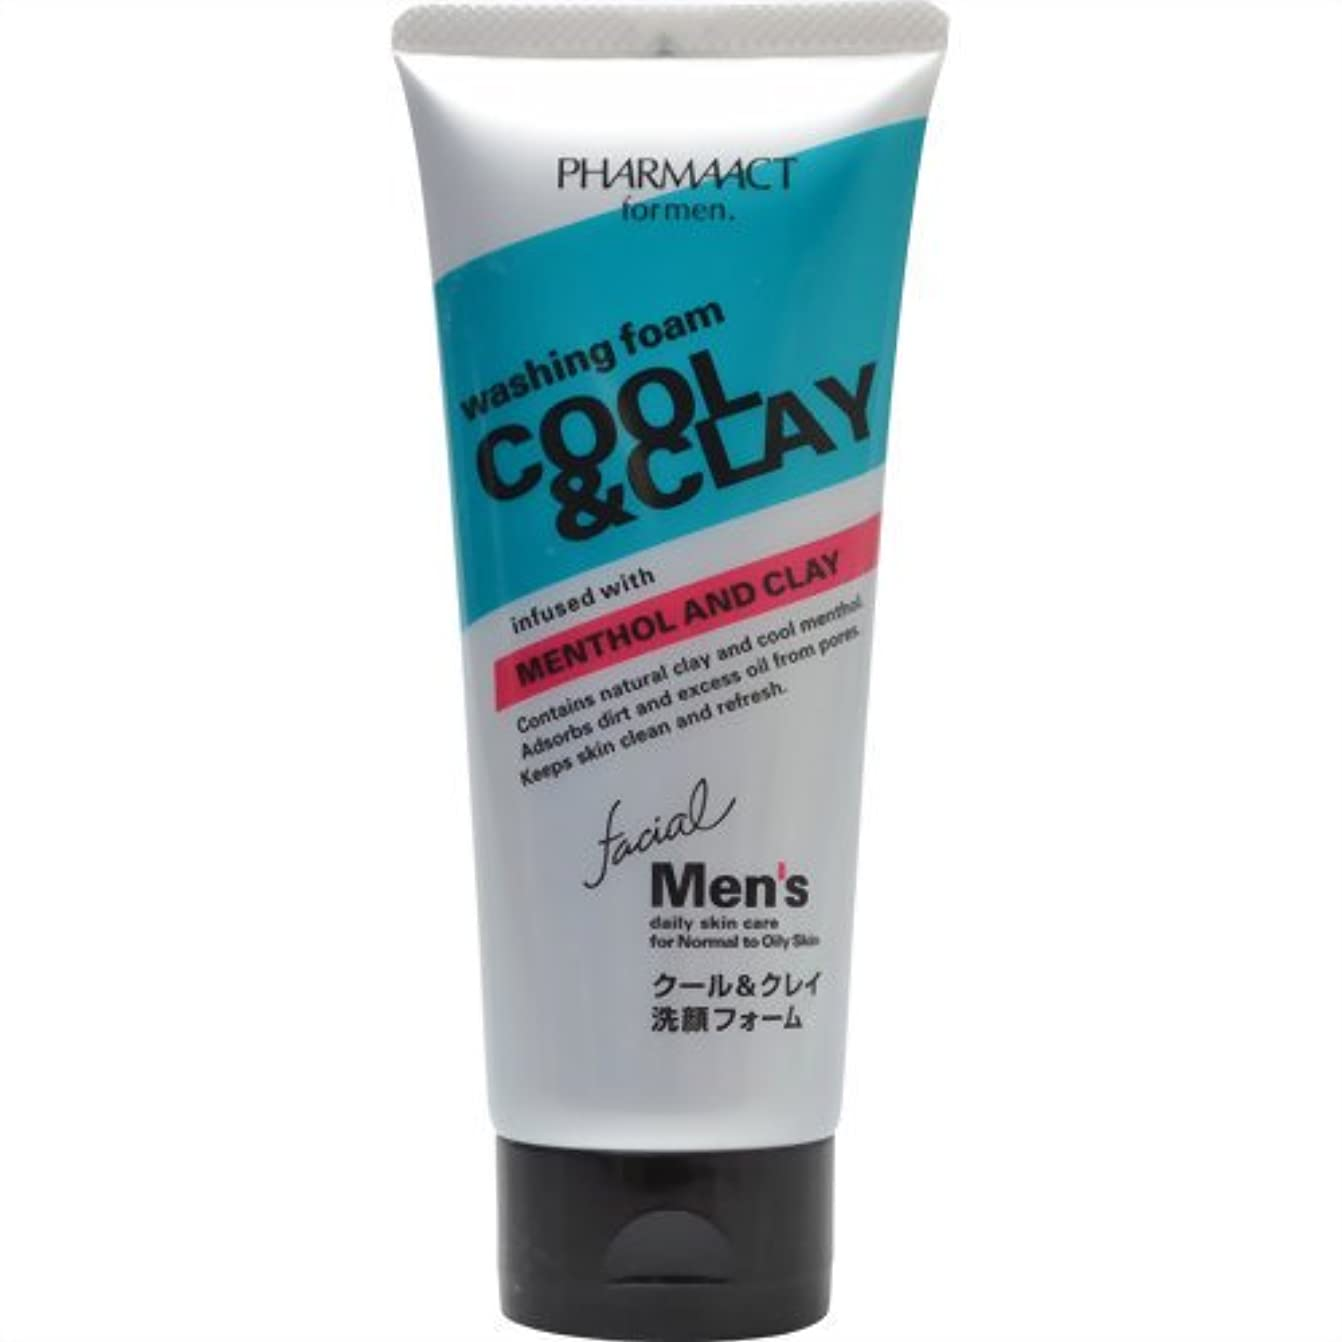 足首グラマー綺麗なファーマアクト メンズ クール&クレイ洗顔フォーム 130g